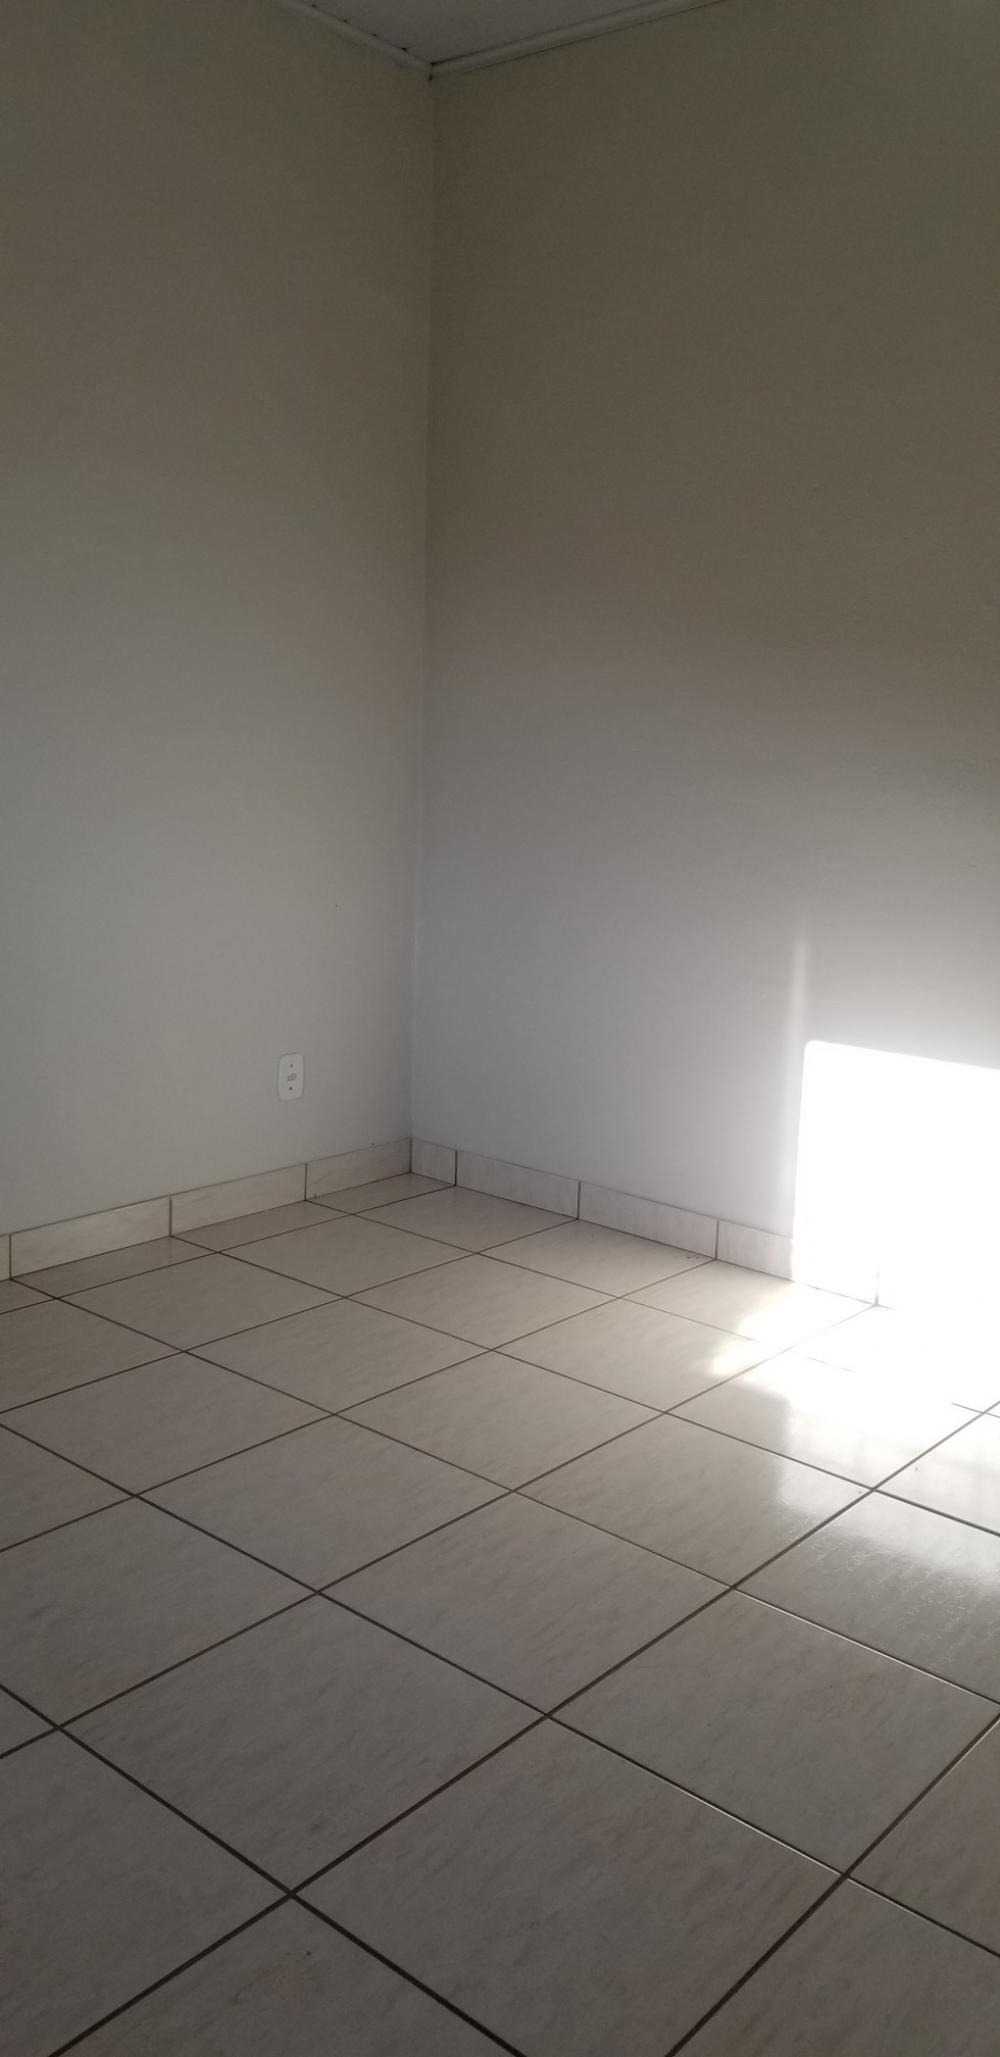 Alugar Casa / Padrão em Ribeirão Preto R$ 700,00 - Foto 8